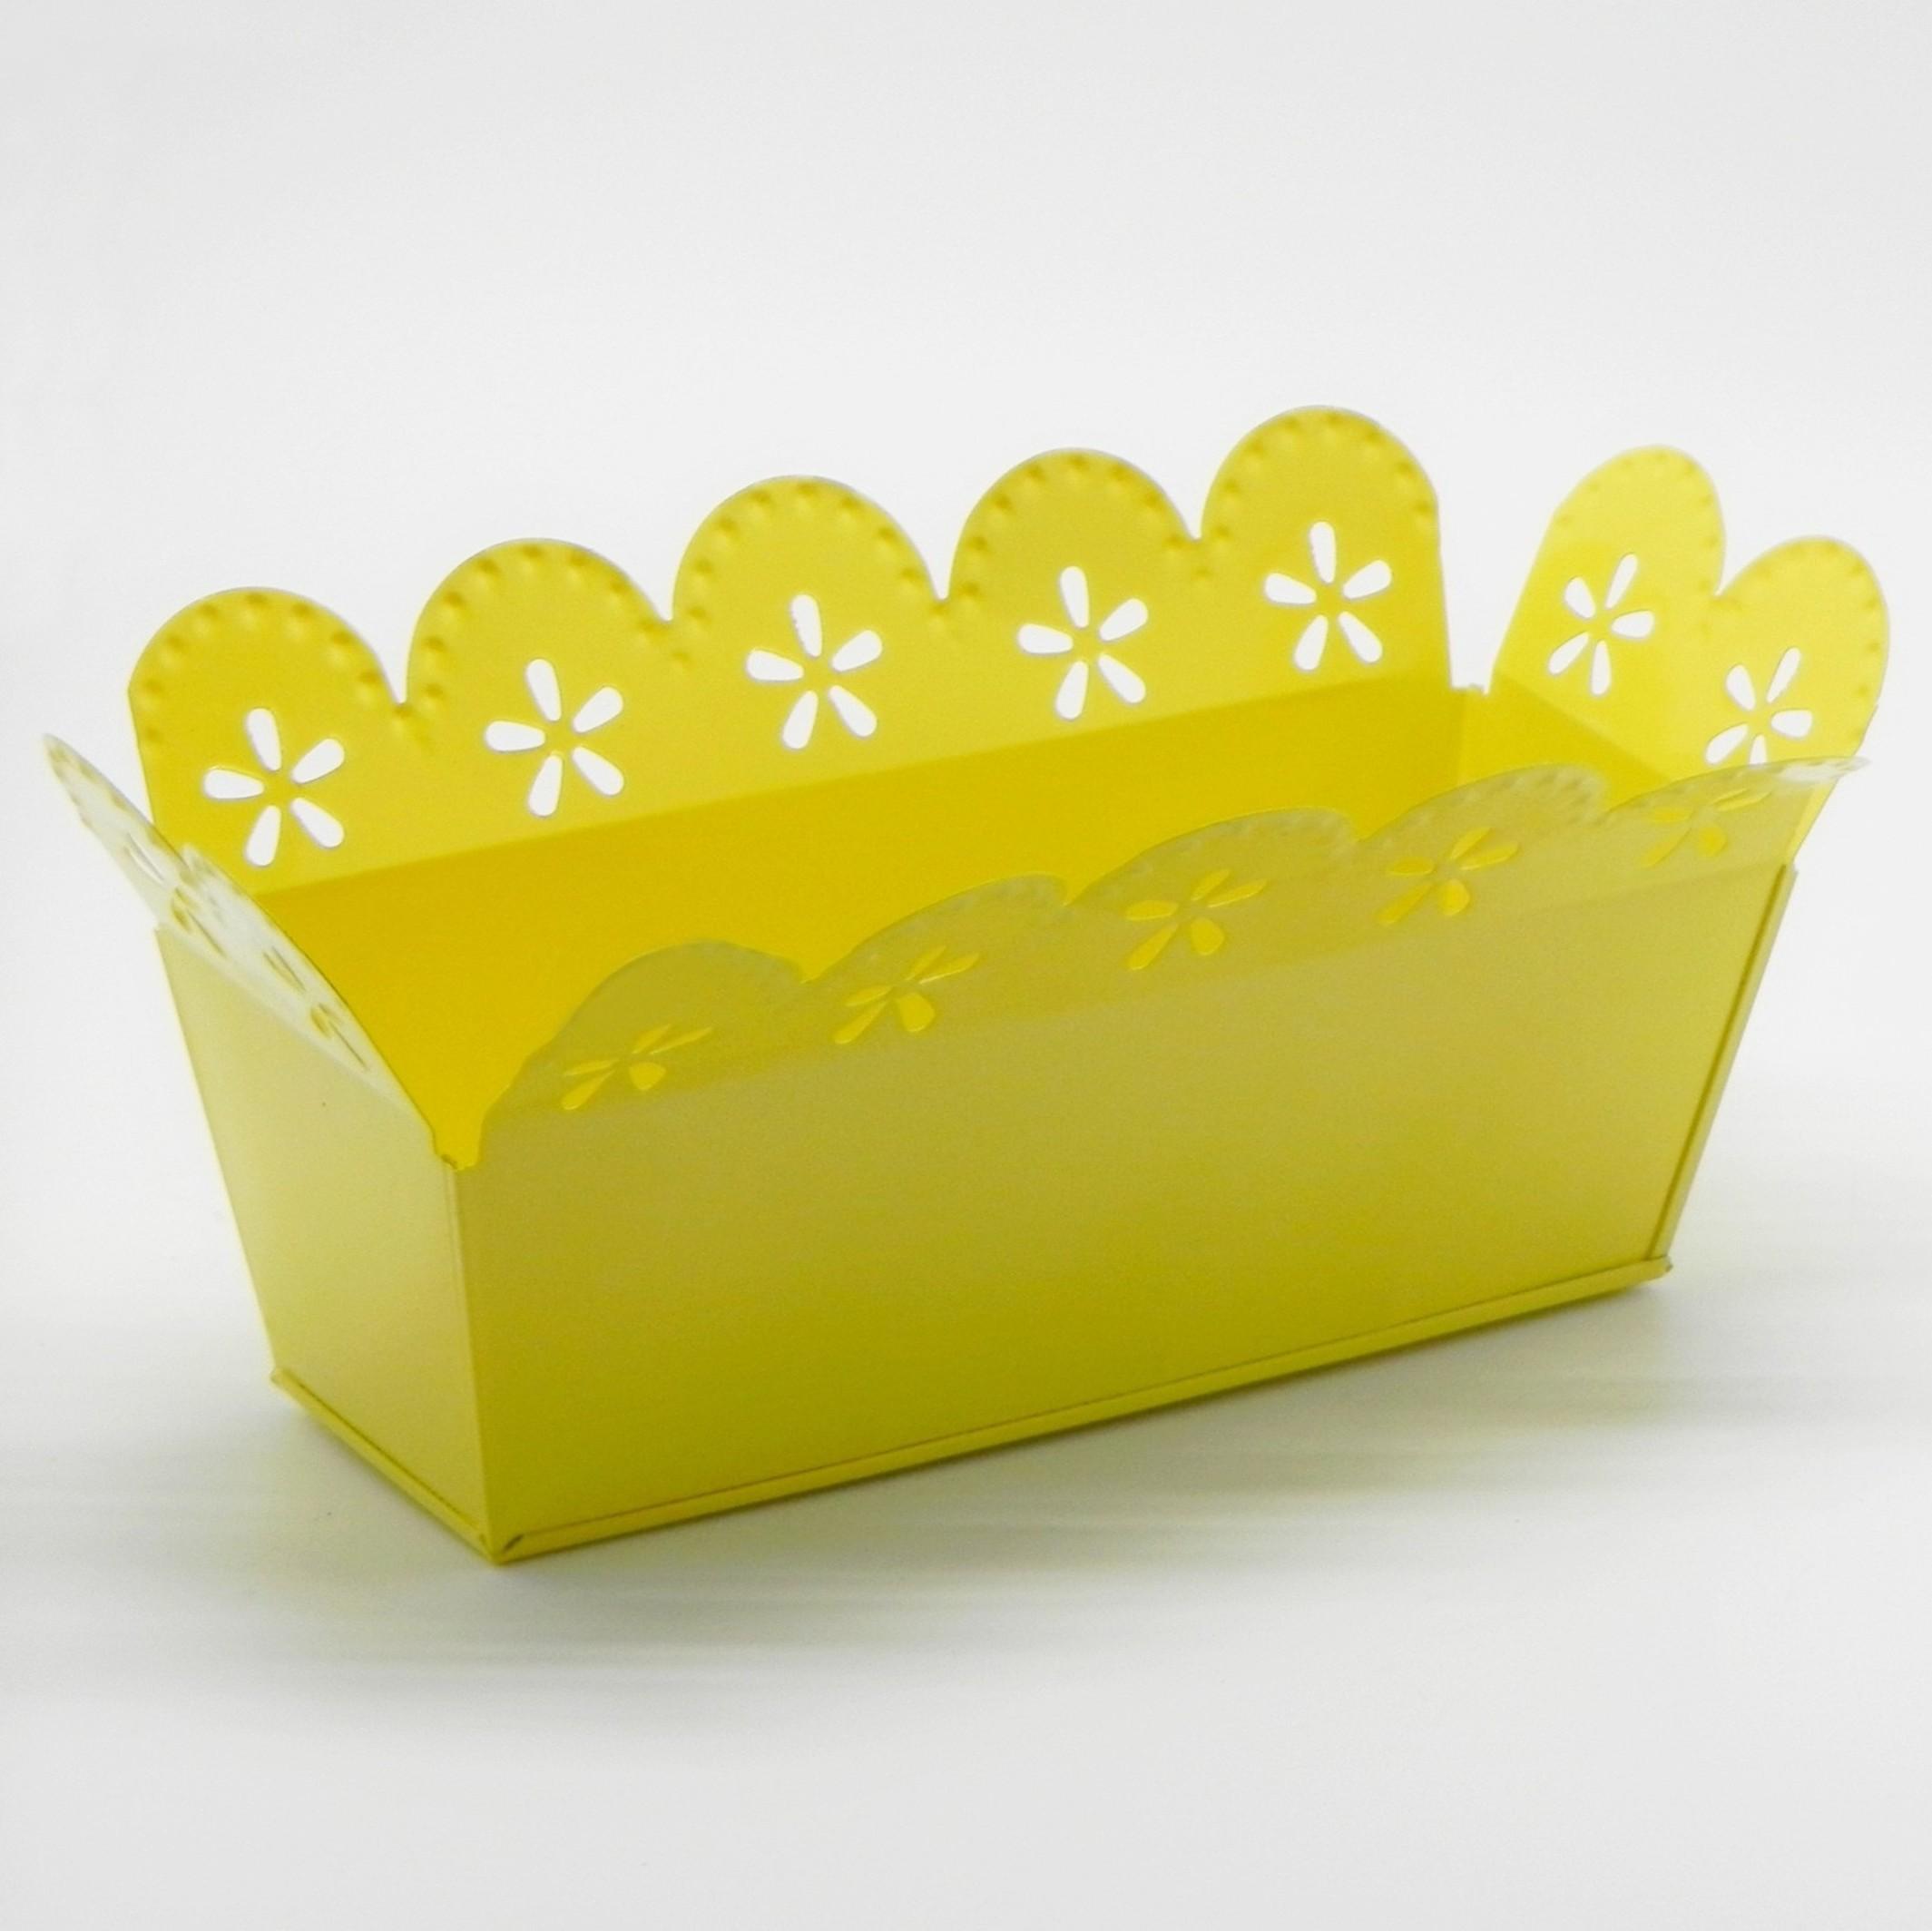 Truhlík plech žlutá